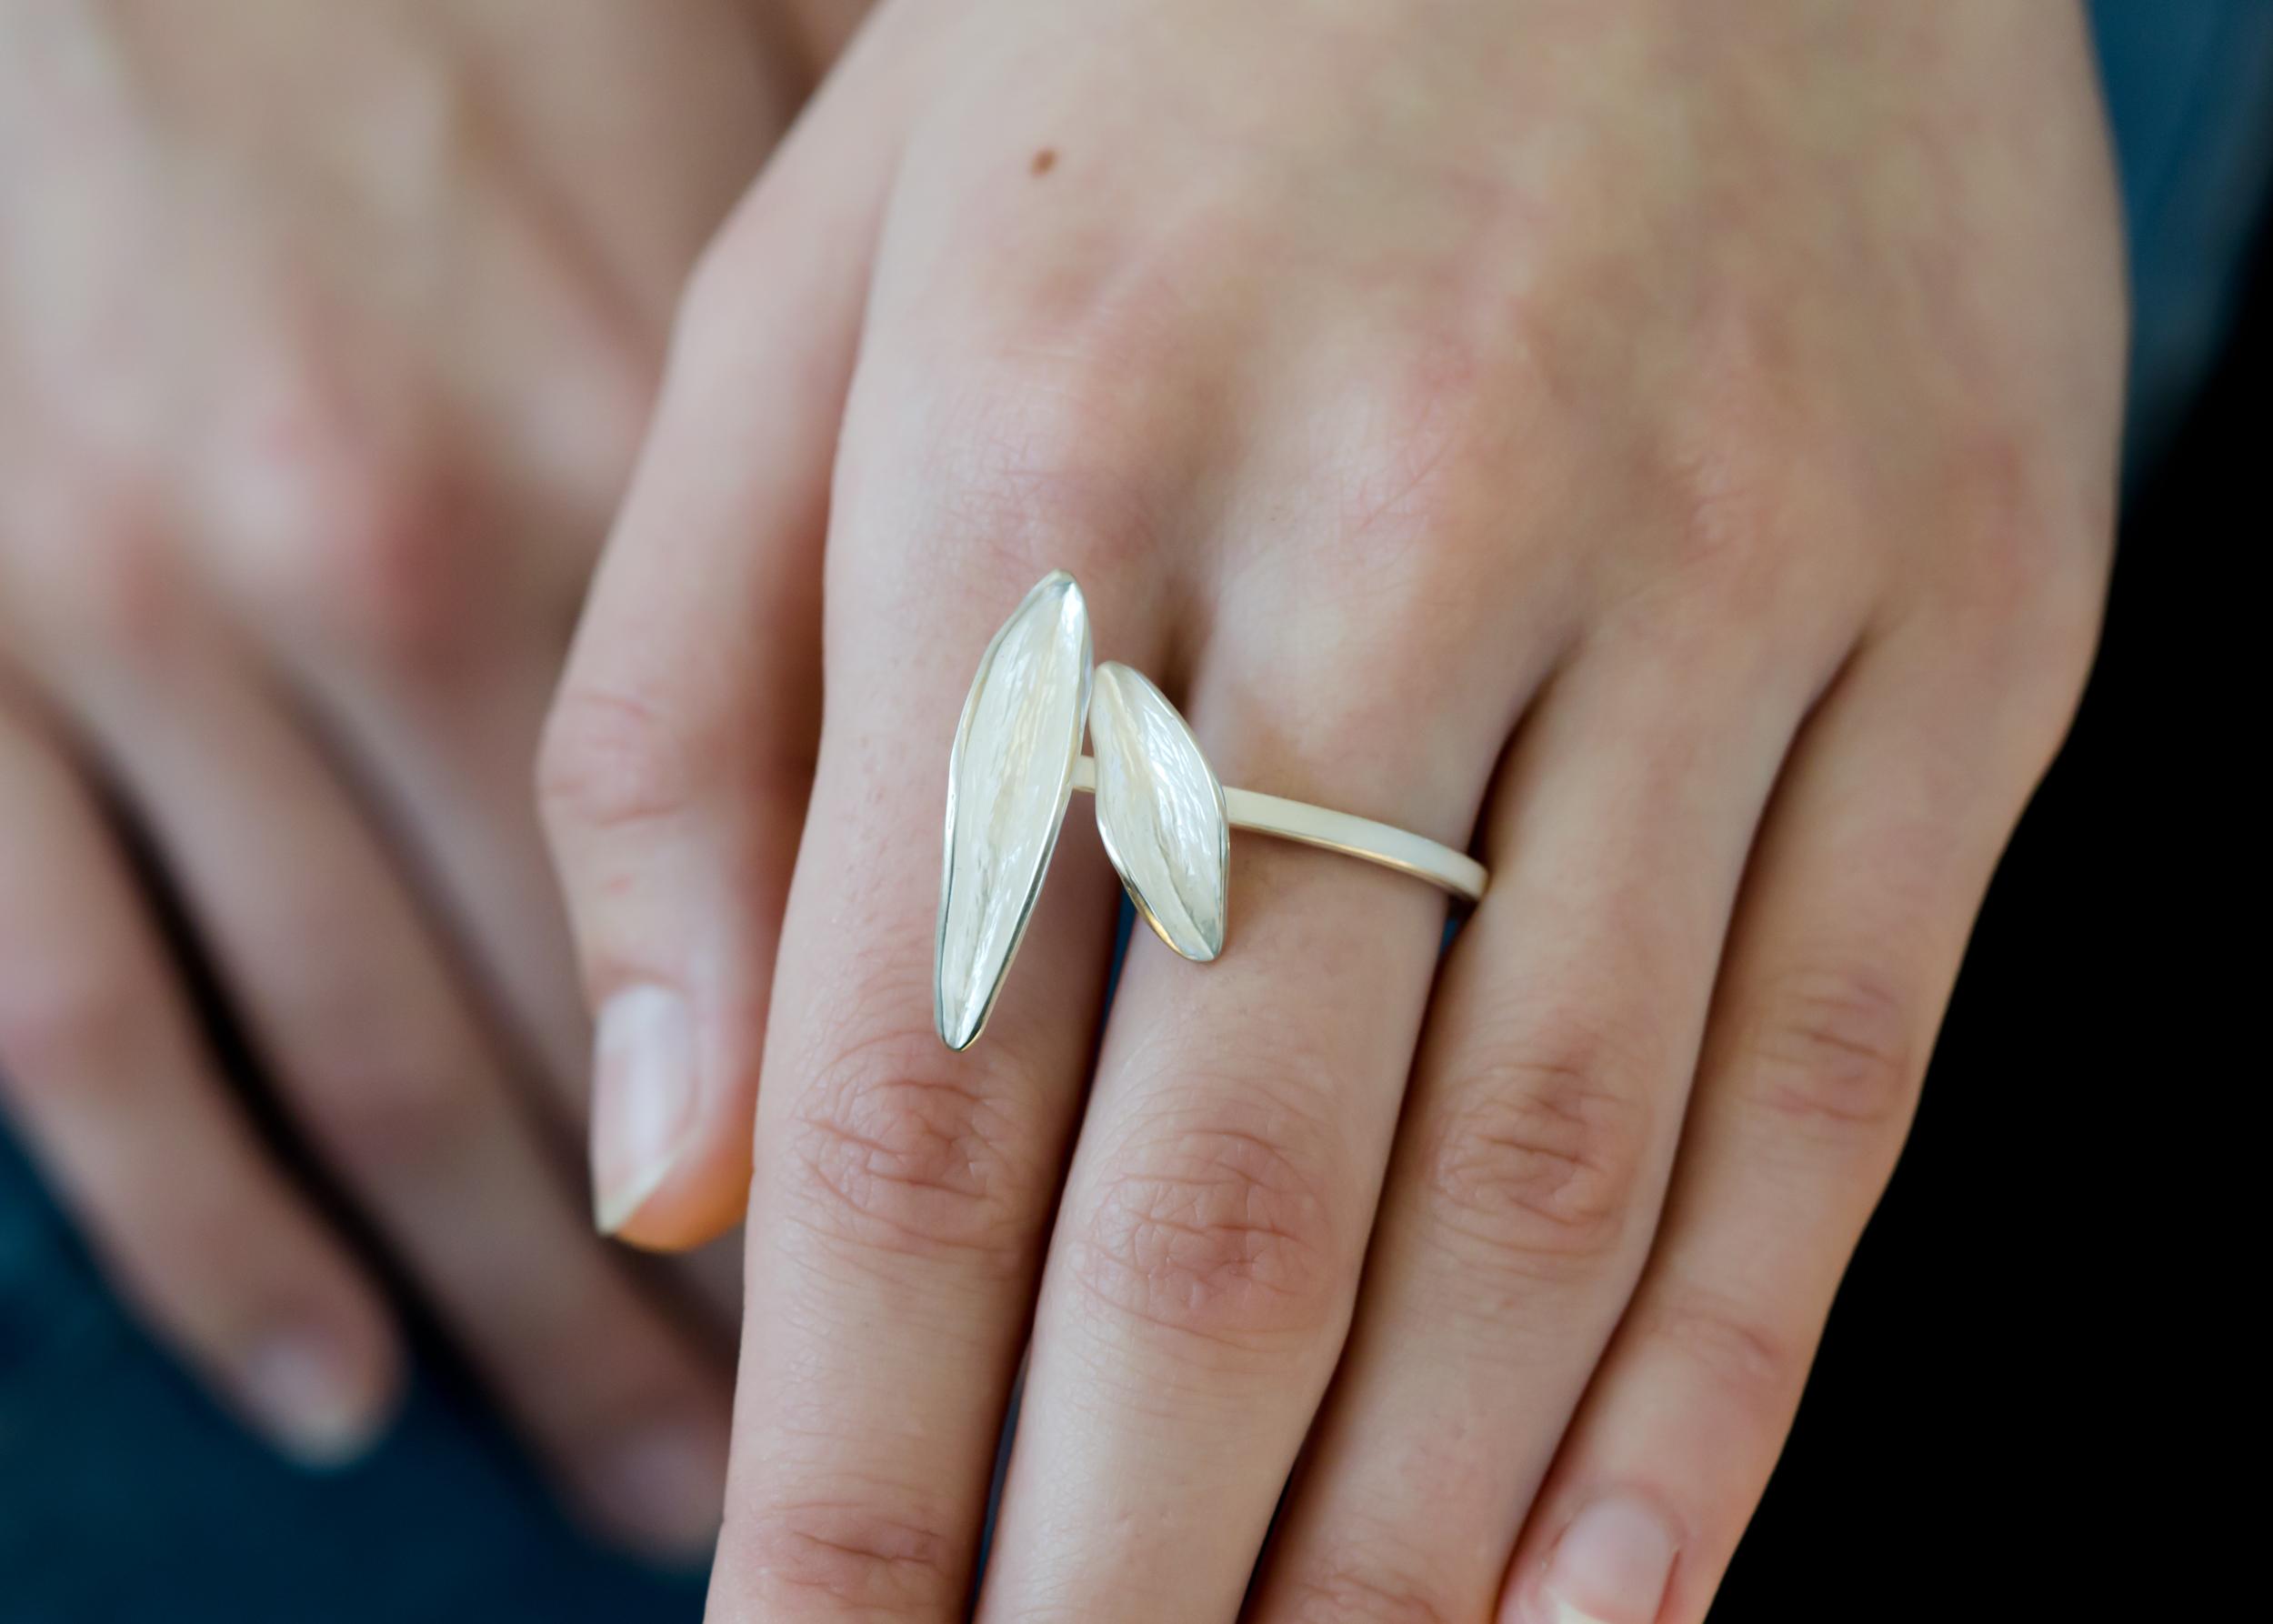 Bar-leaf-ring-CG-Grisez-7076-2.jpg